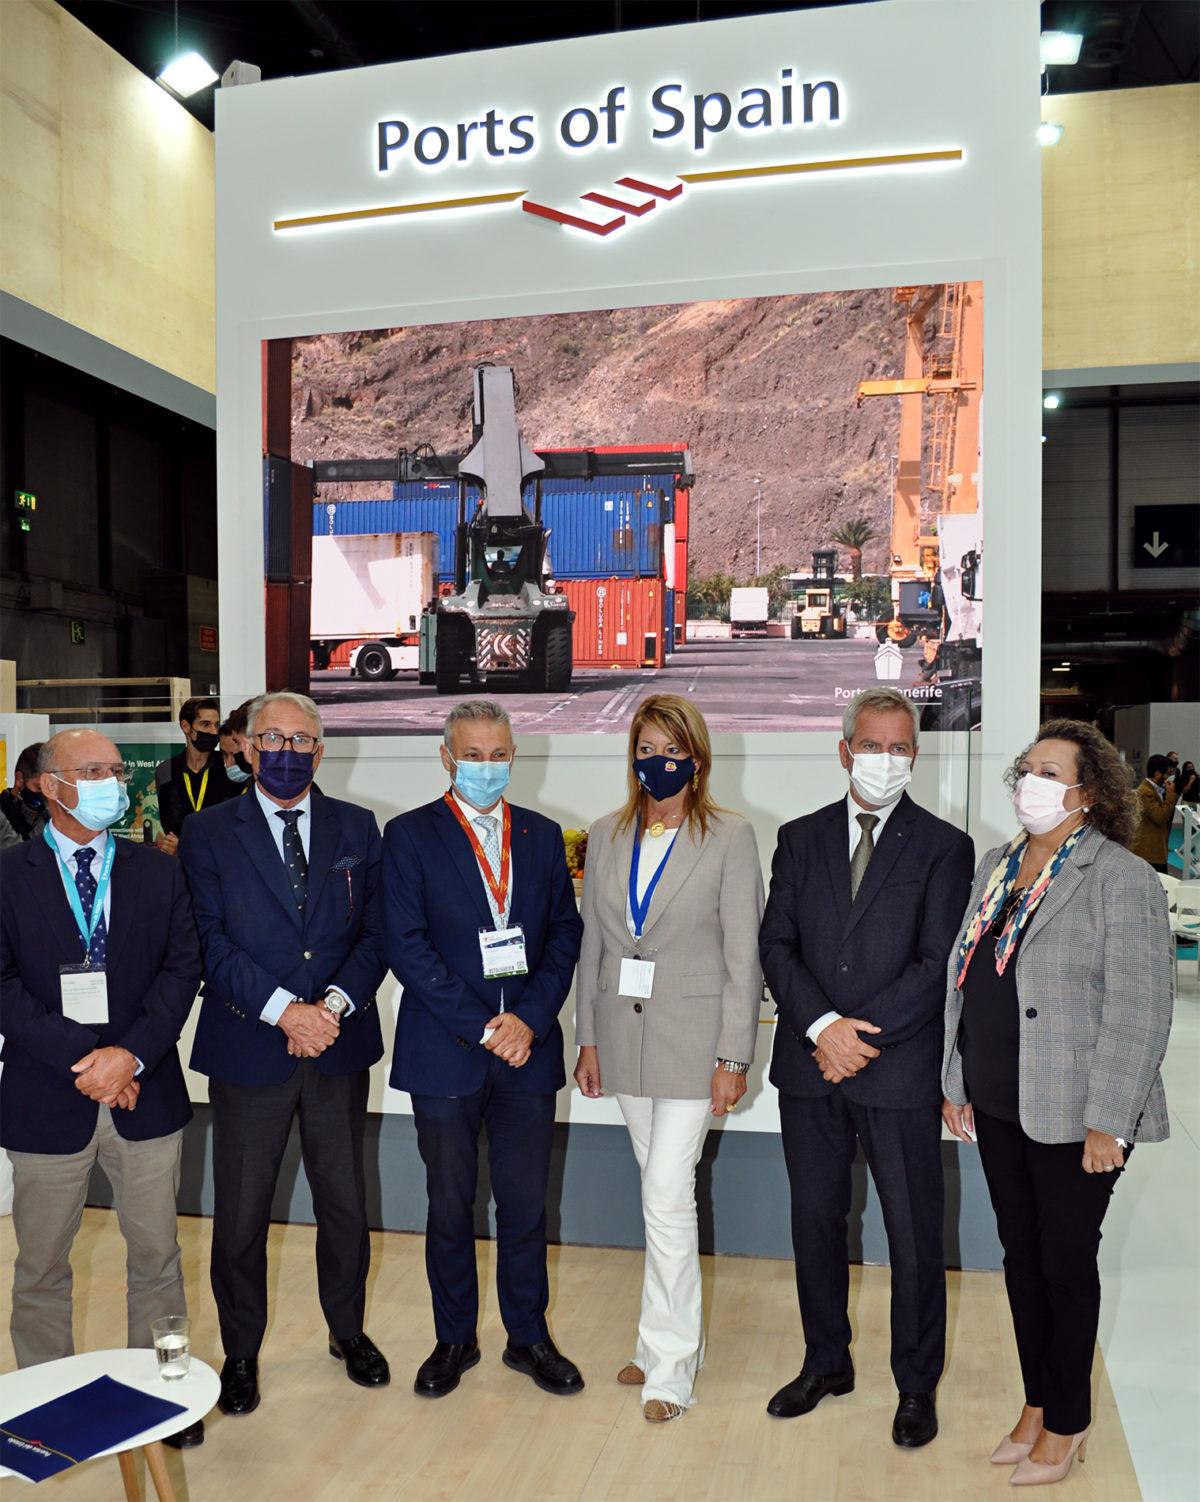 El presidente de la APA, junto al presidente de Puertos del Estado y presidentes de autoridades portuarias de Andalucía y Cartagena